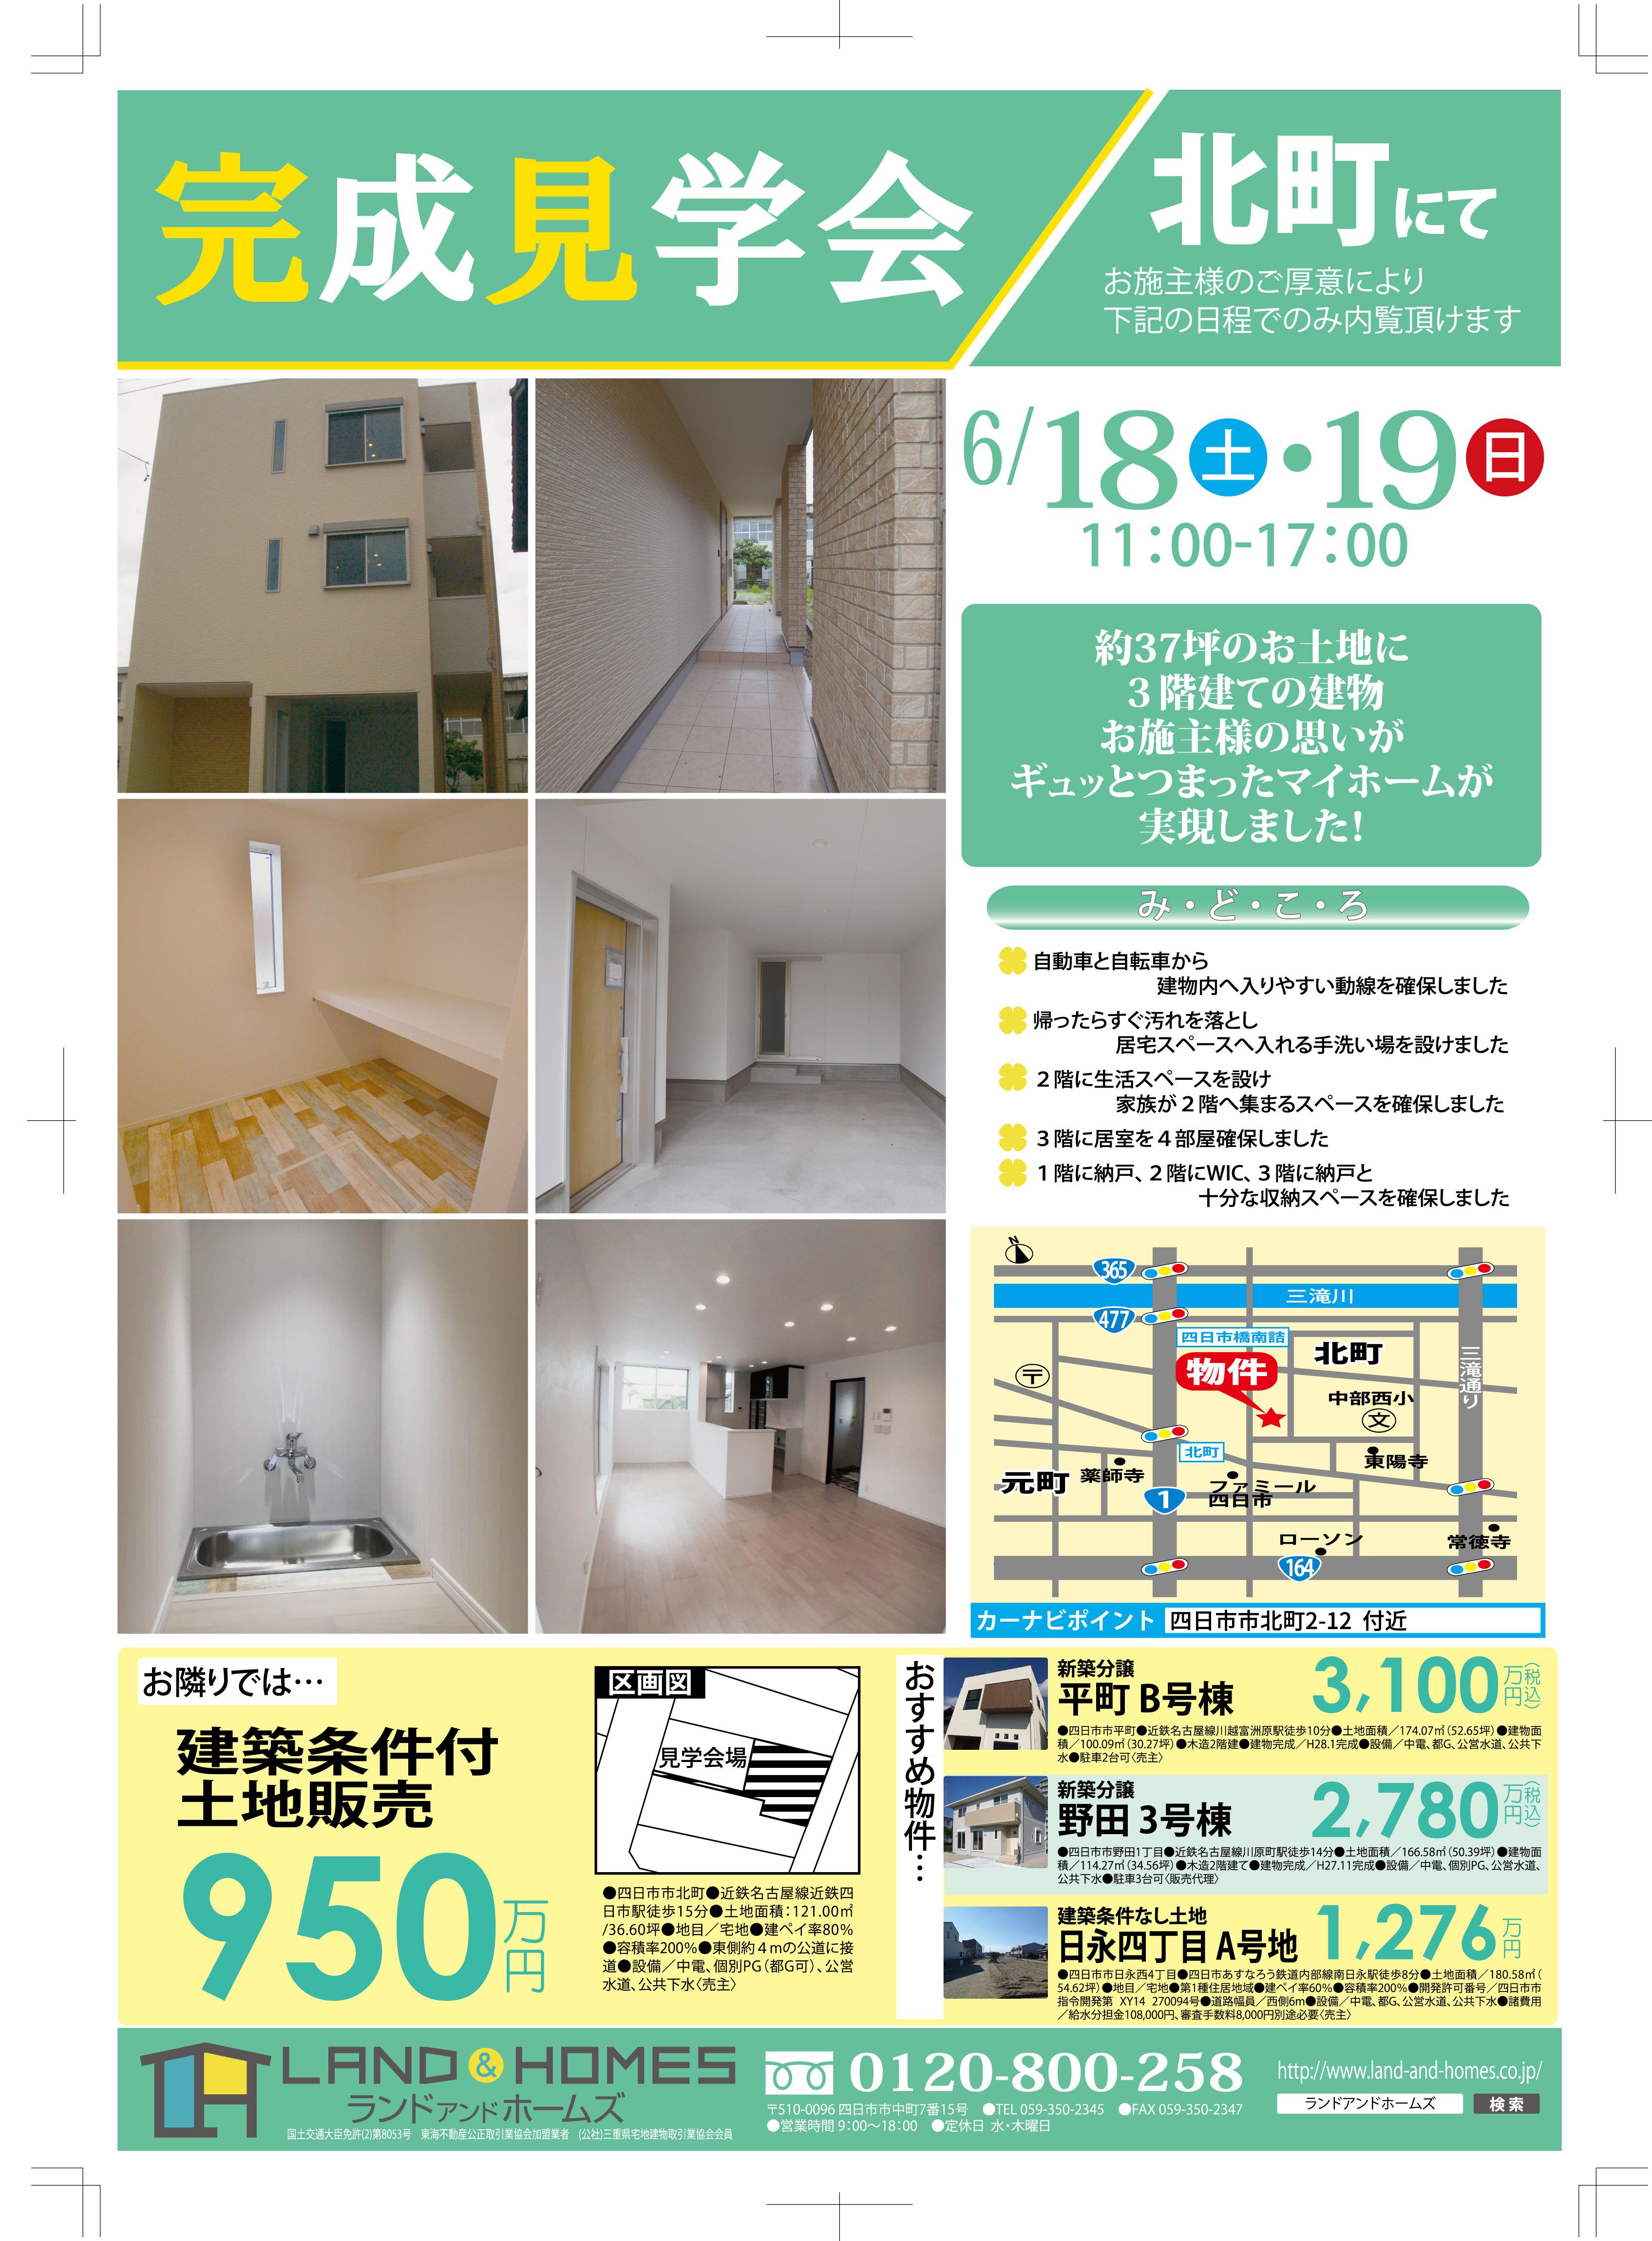 お客様見学会 北町 2016.6.18.19 out